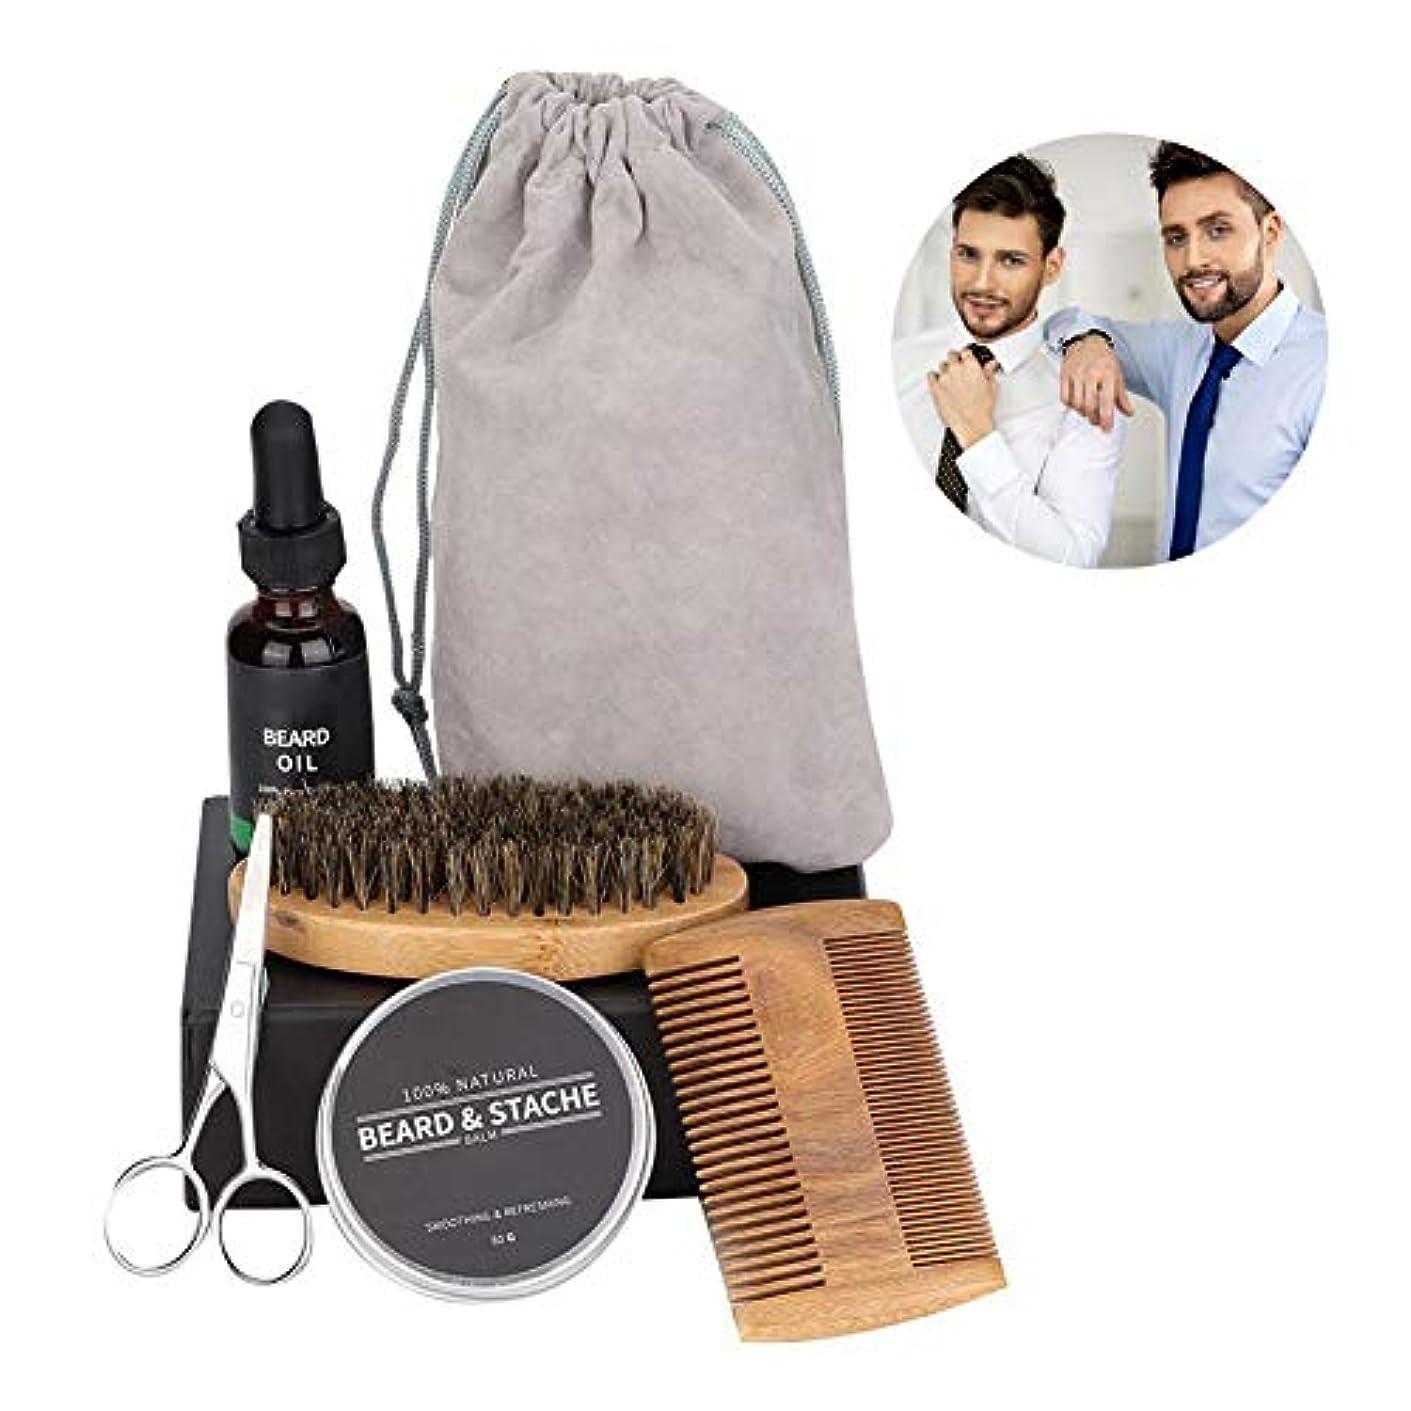 番目イチゴチャペル髭手入れキット、髭手入れキットを含む男性または父親のための髭成長手入れおよびトリミングキット、髭オイル、髭ケアバーム、櫛、はさみ、ブラシ、収納袋